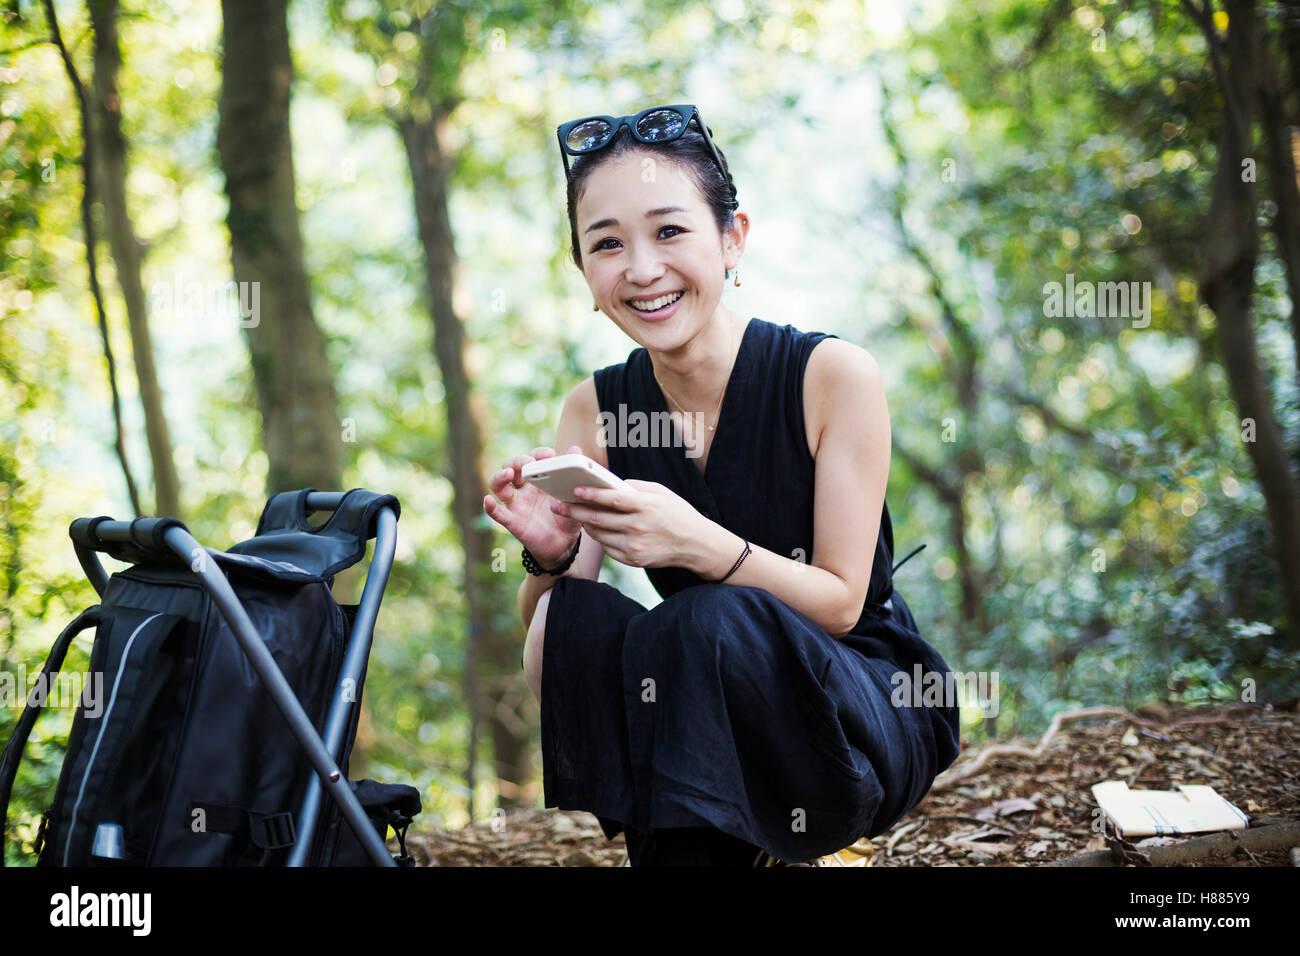 Jeune femme assise dans une forêt. Banque D'Images